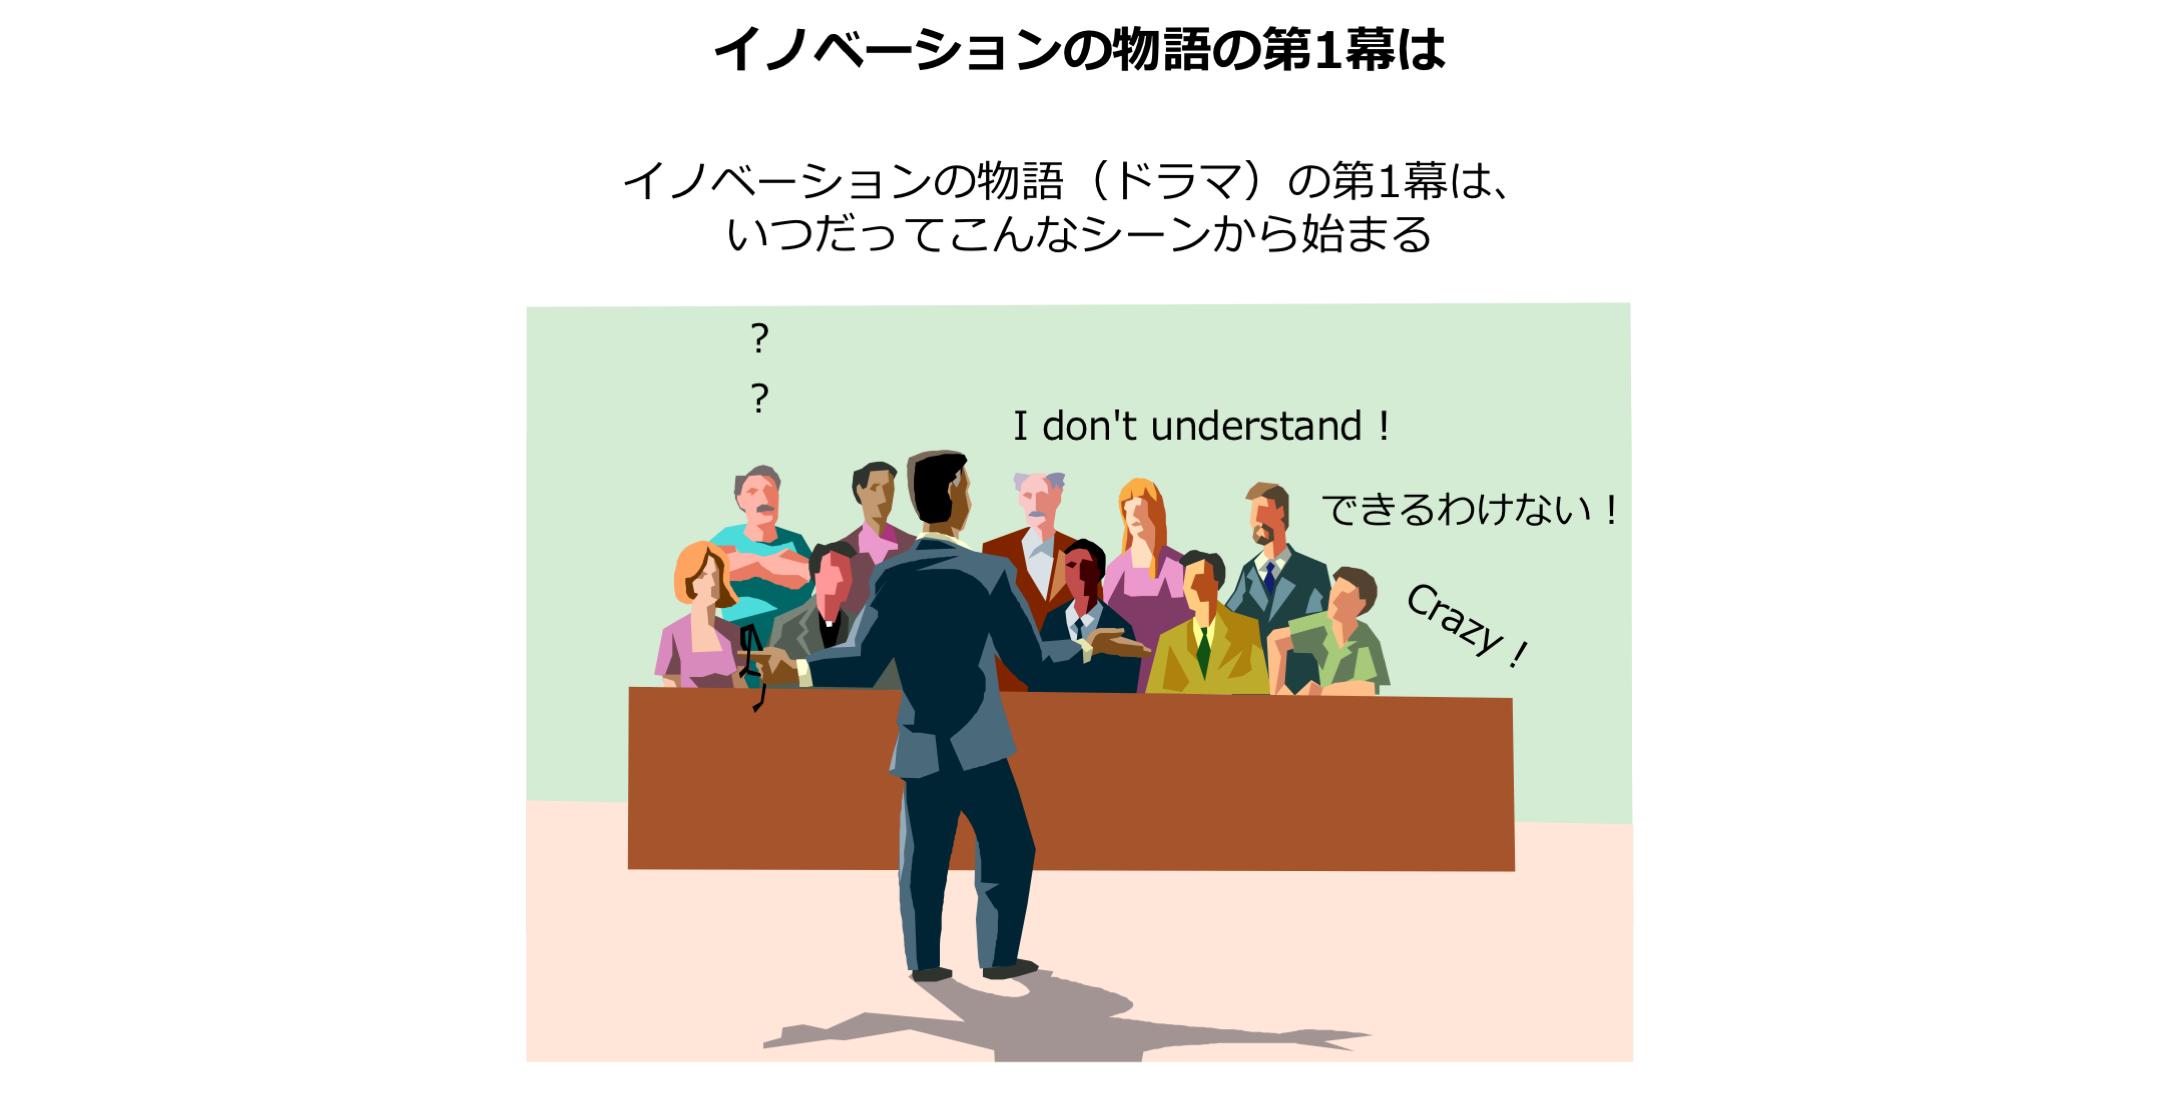 tsukamatsu_017_01.png